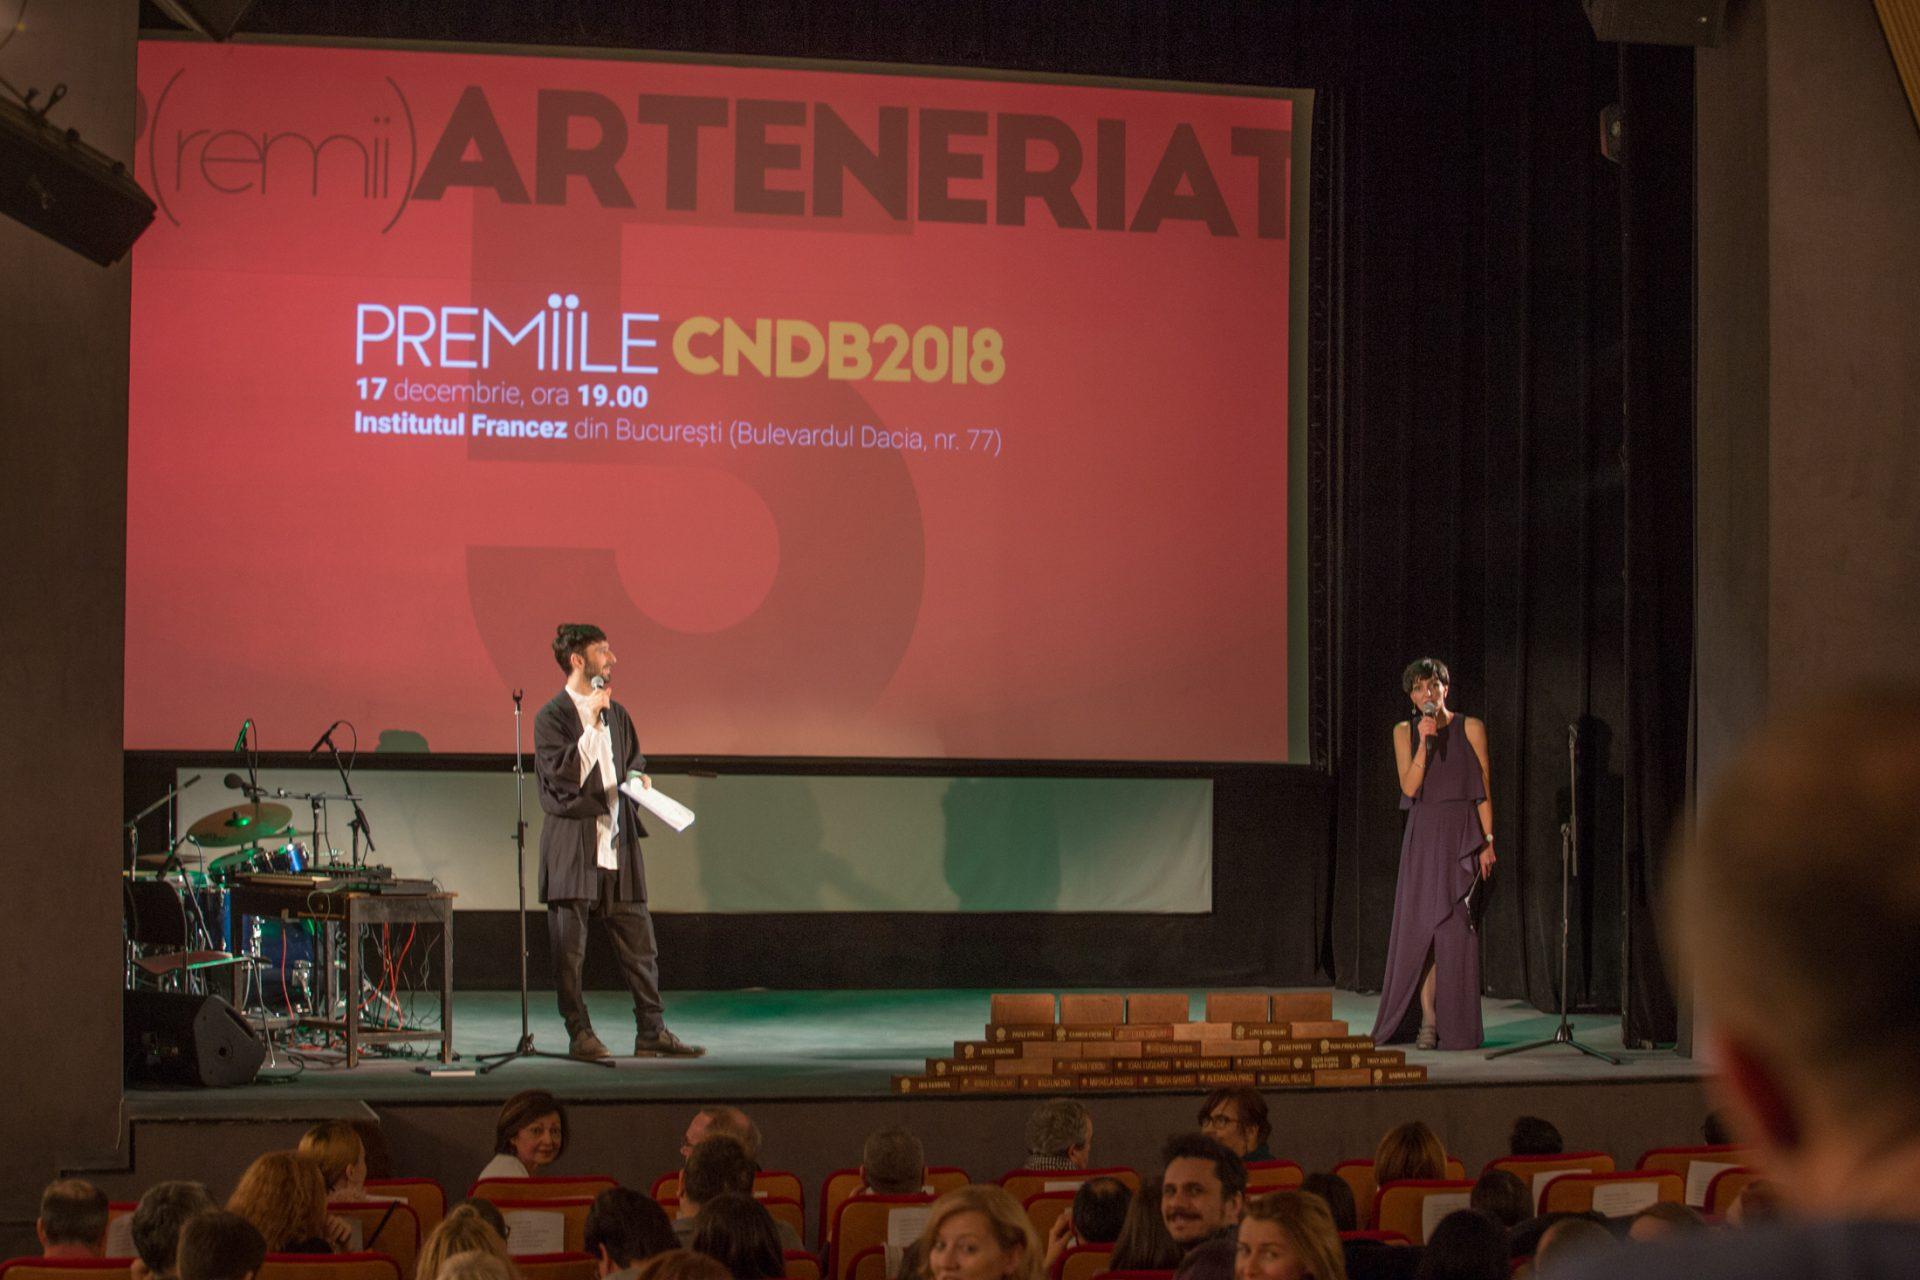 Premiile CNDB 2018